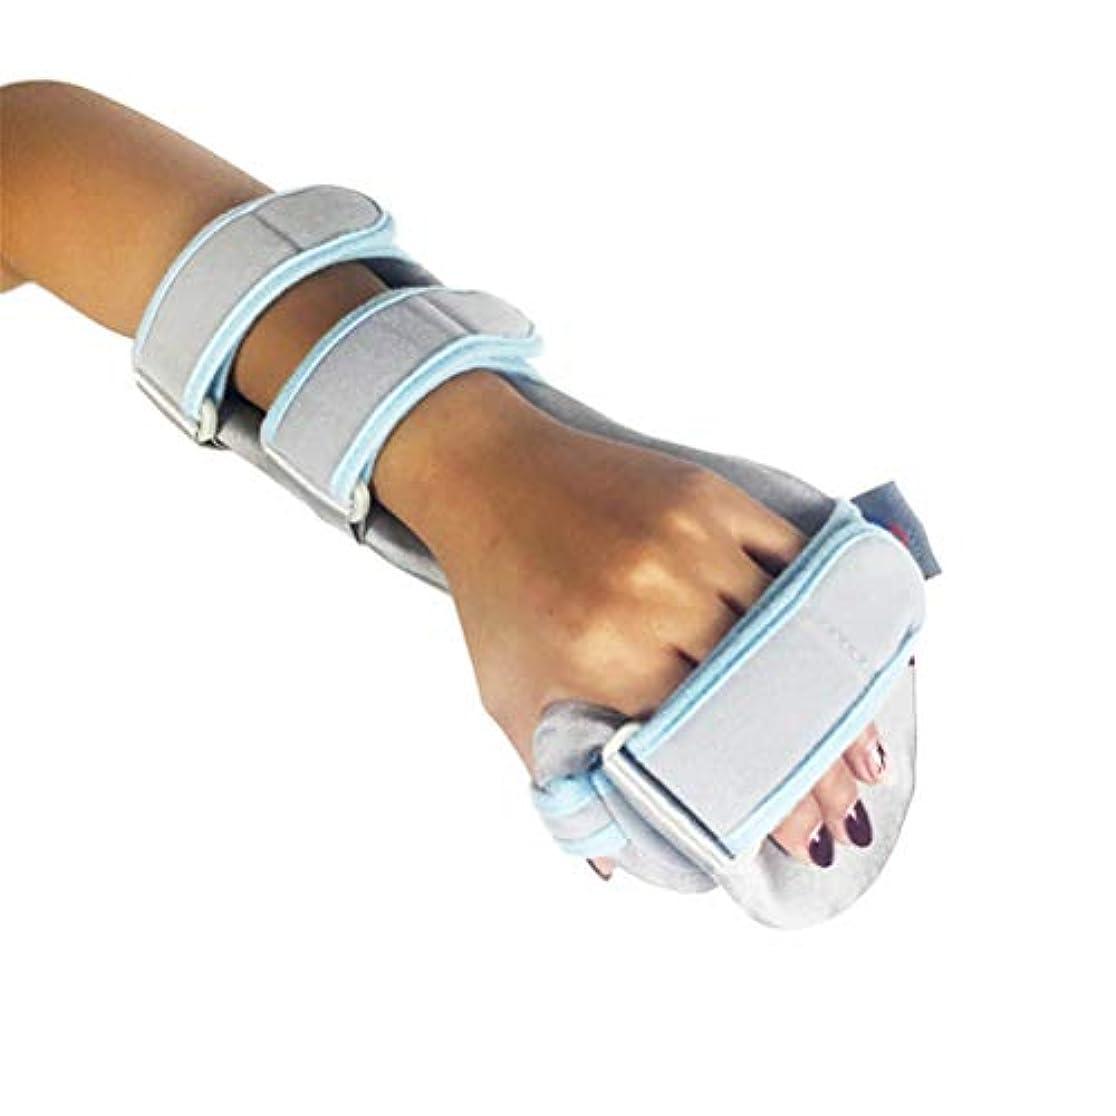 試み拍手する無実HEALIFTY 指スプリントフィンガー手首骨折固定足場用腱腱炎腱炎骨折関節炎転位(右手)